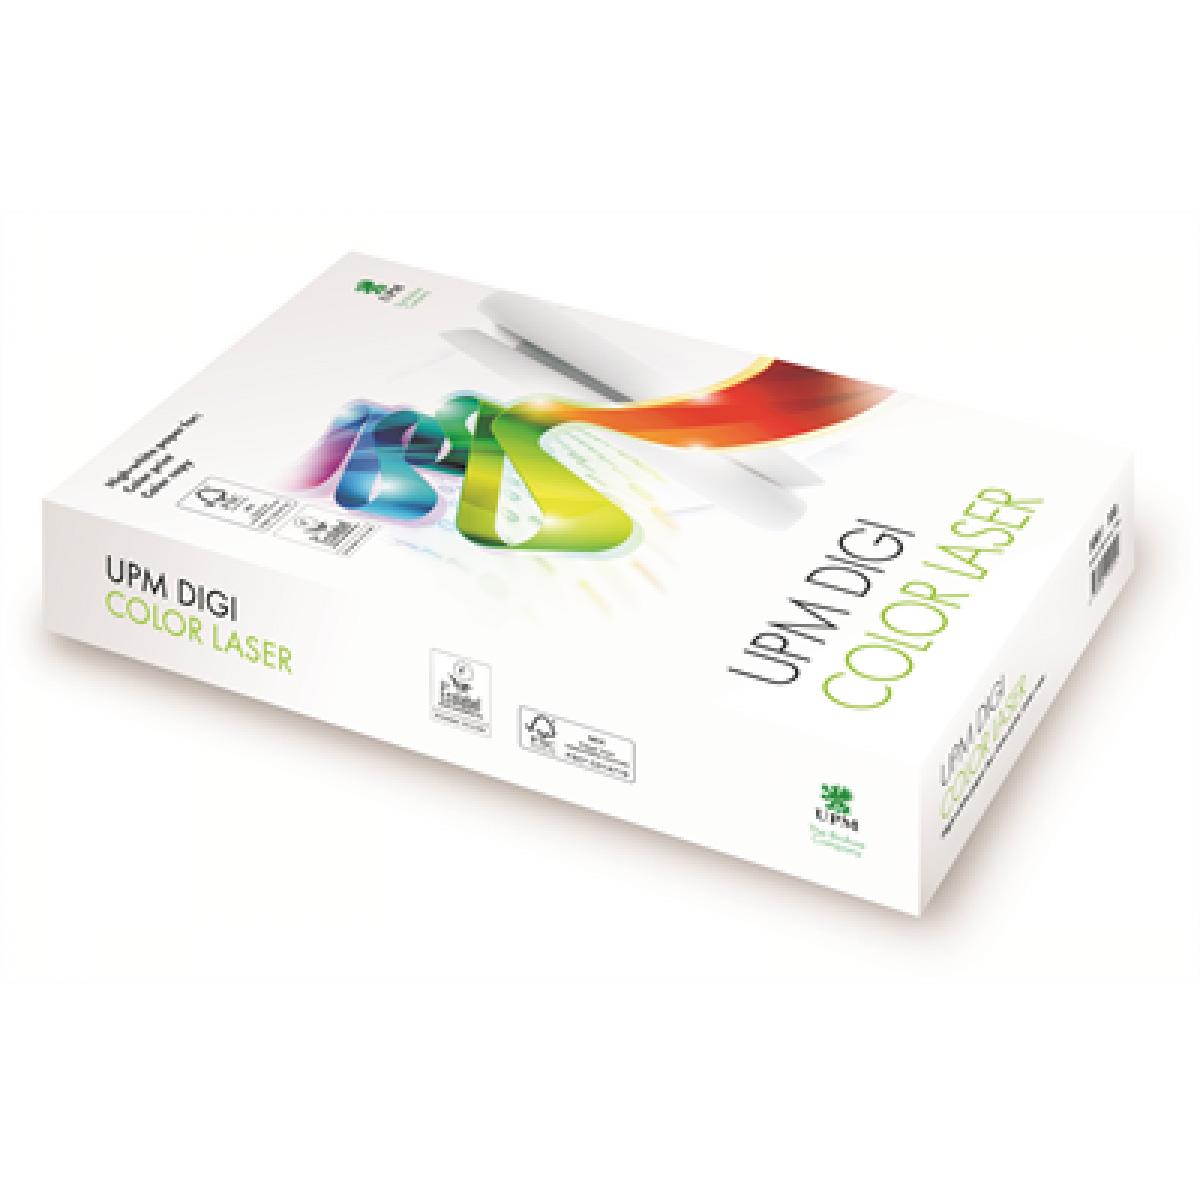 Бумага Digi Color Laser A4 300гр./м2., 125листов UPM - фото 1